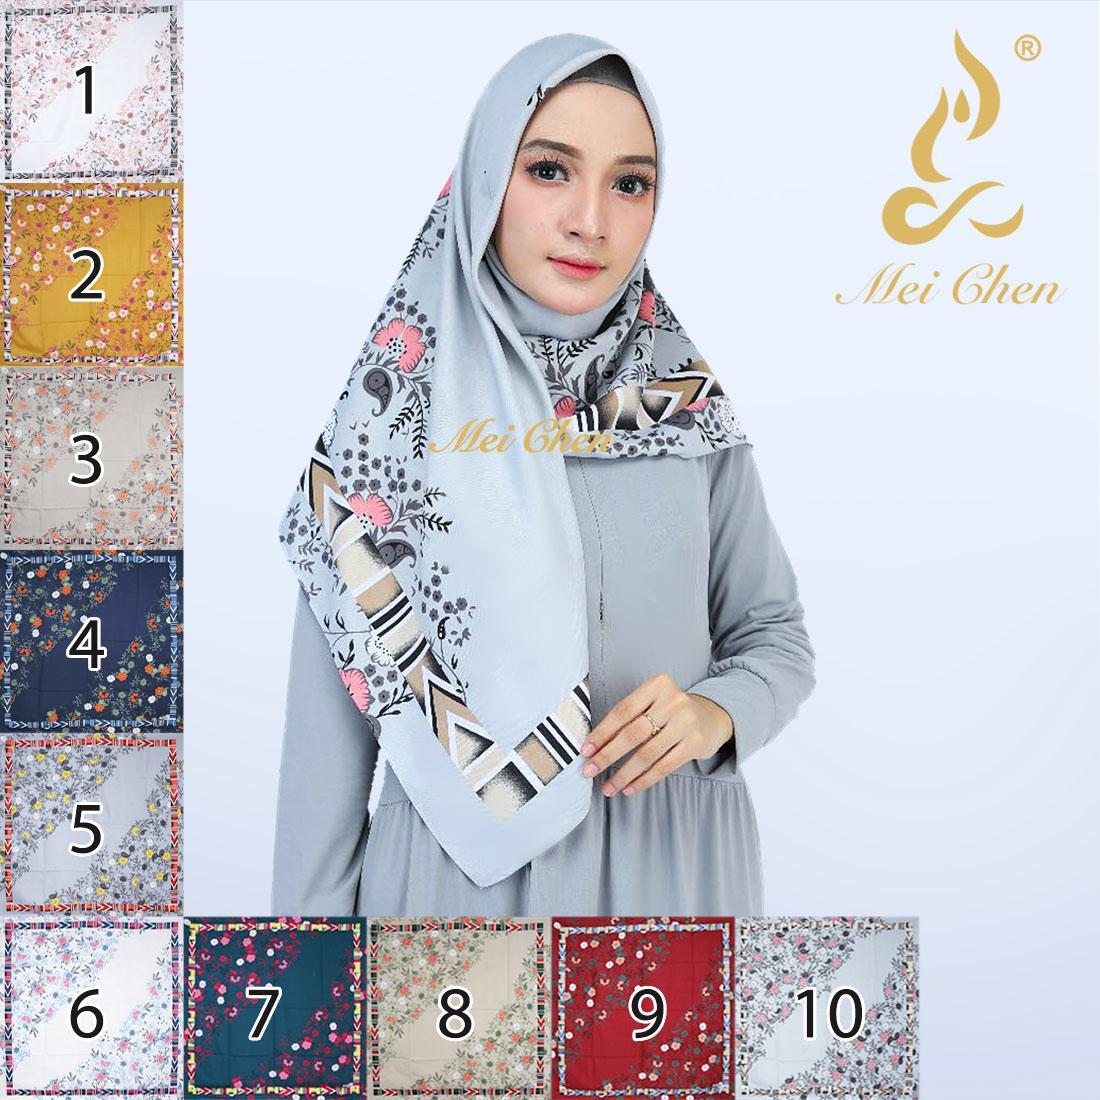 mei chen bunga motif indah hijab jilbab kerudung